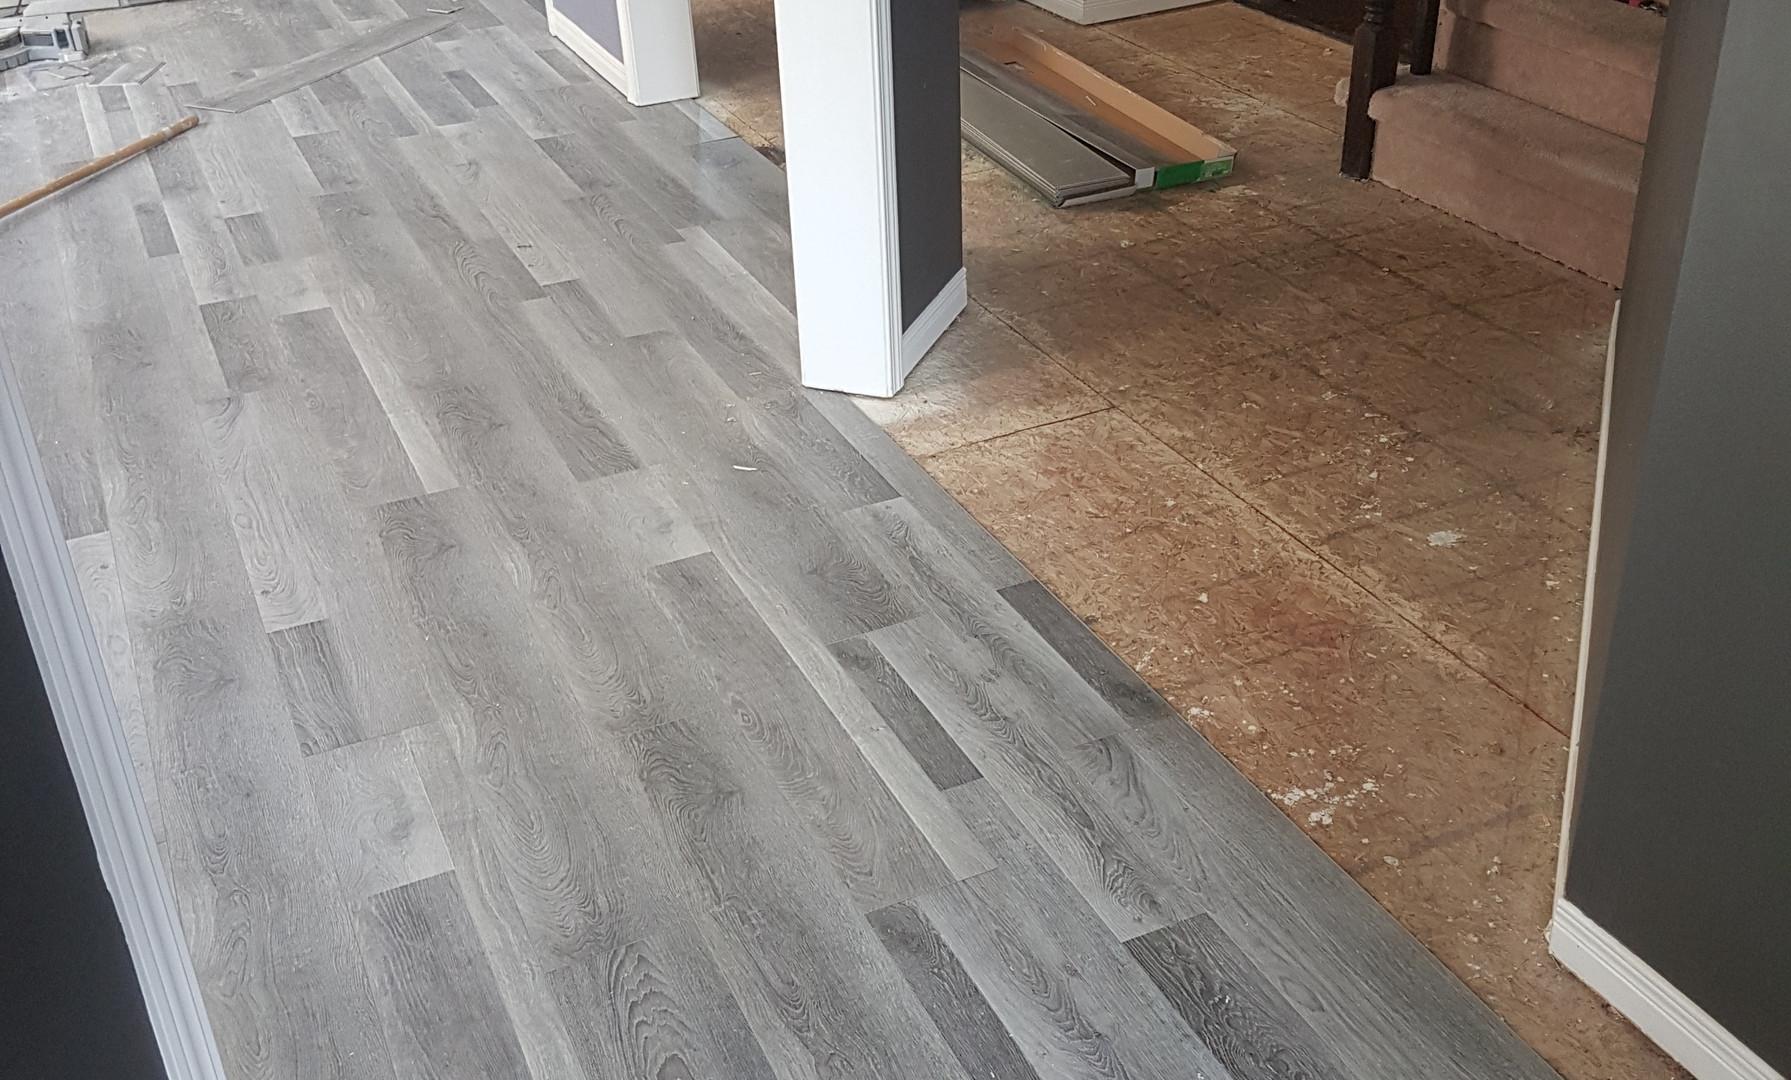 Glenbourne Flooring